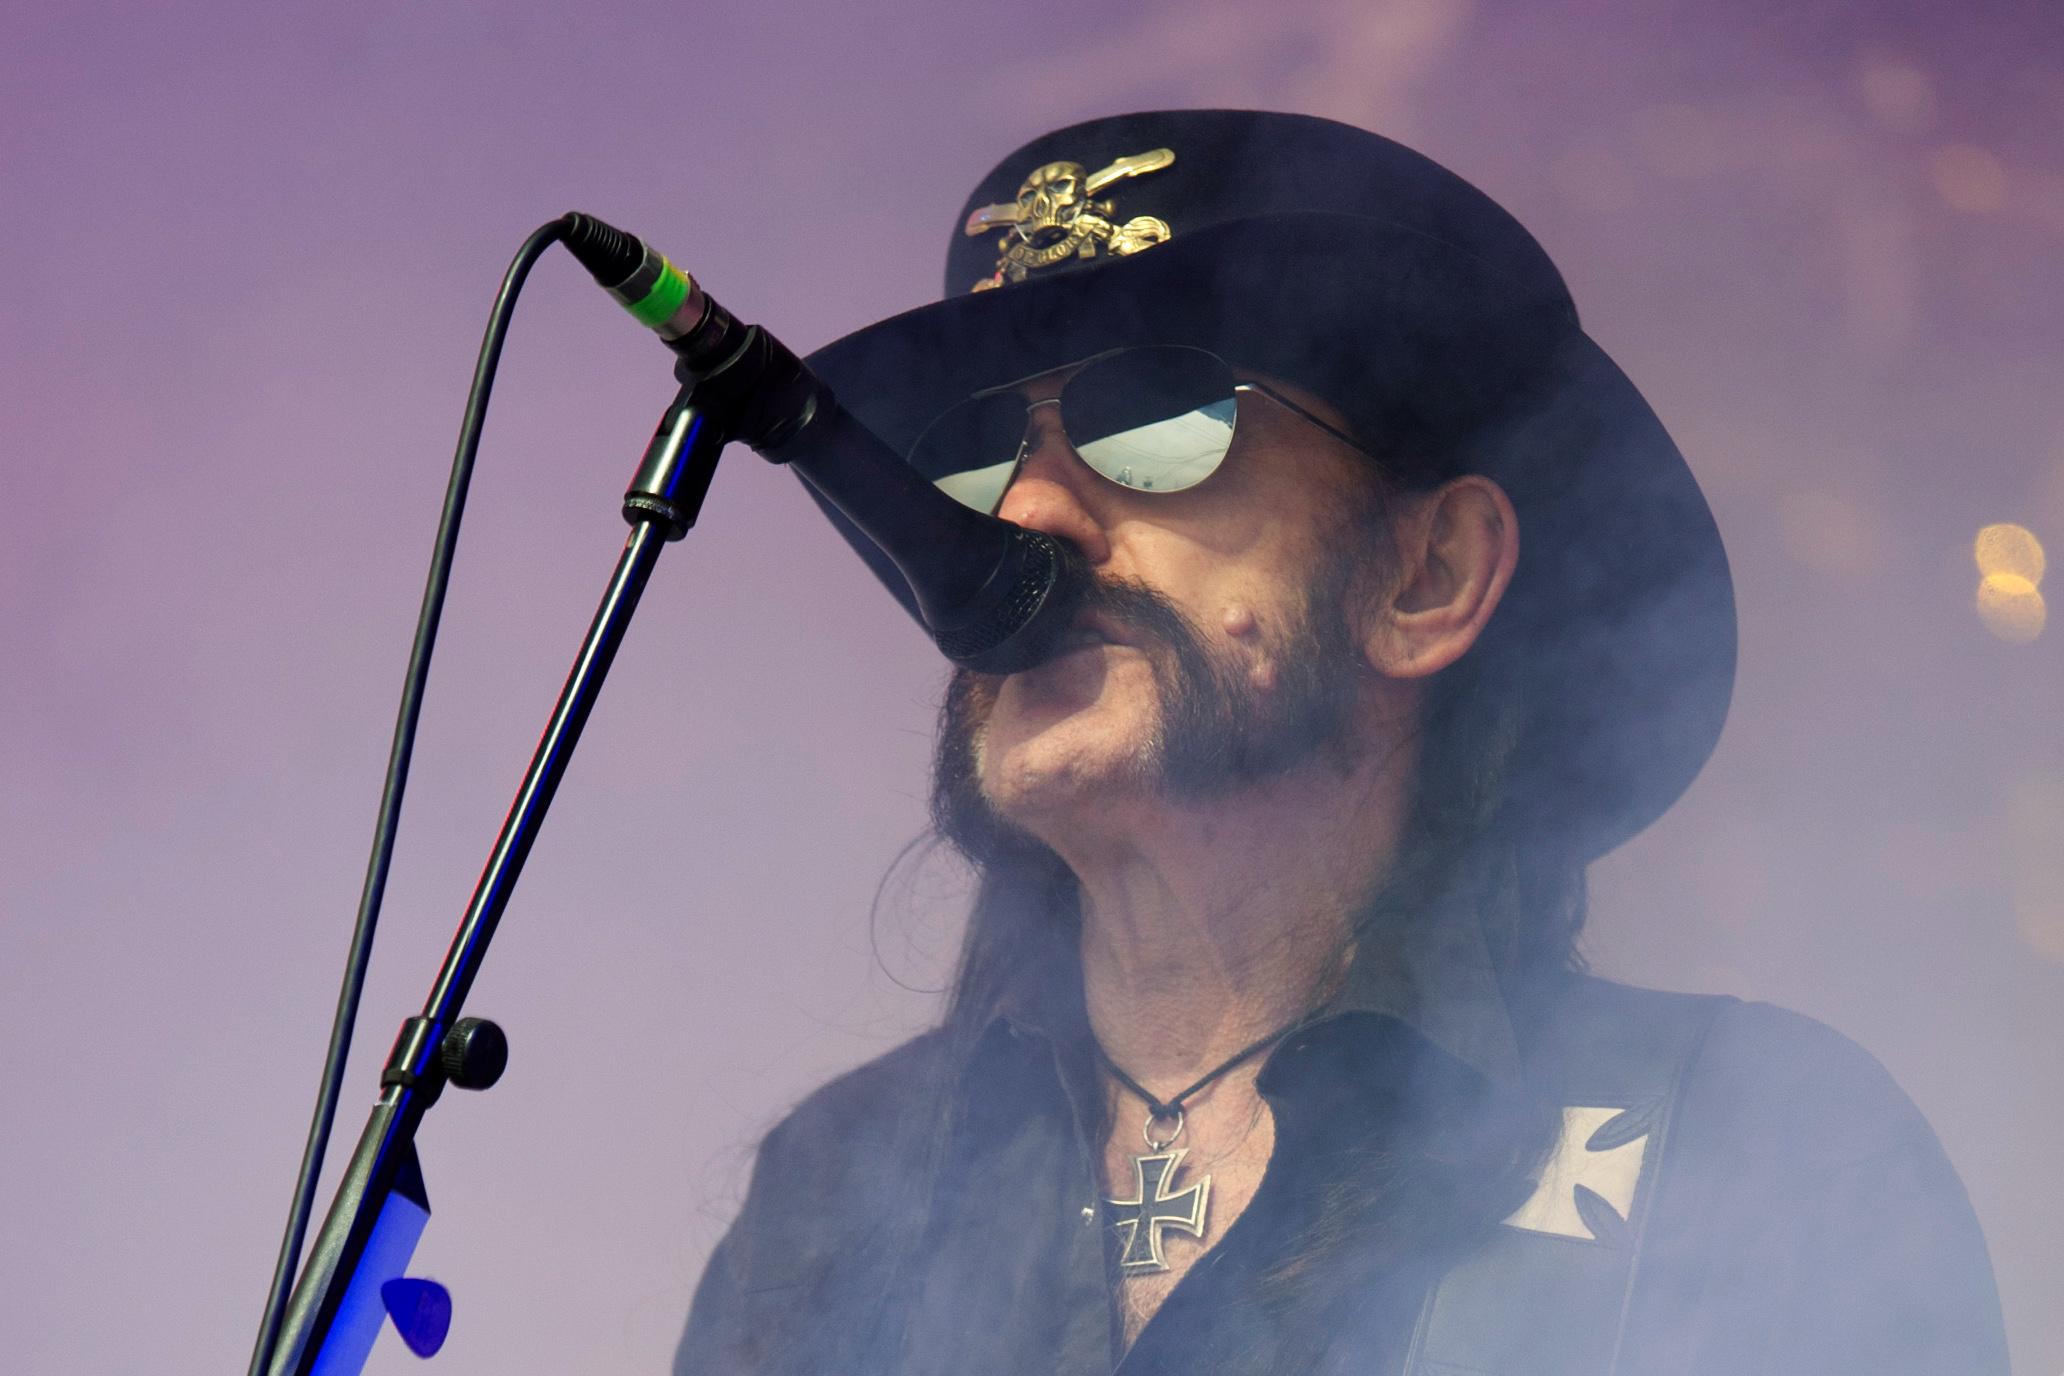 Lemmy után neveztek el egy jura kori óriáskrokodilt